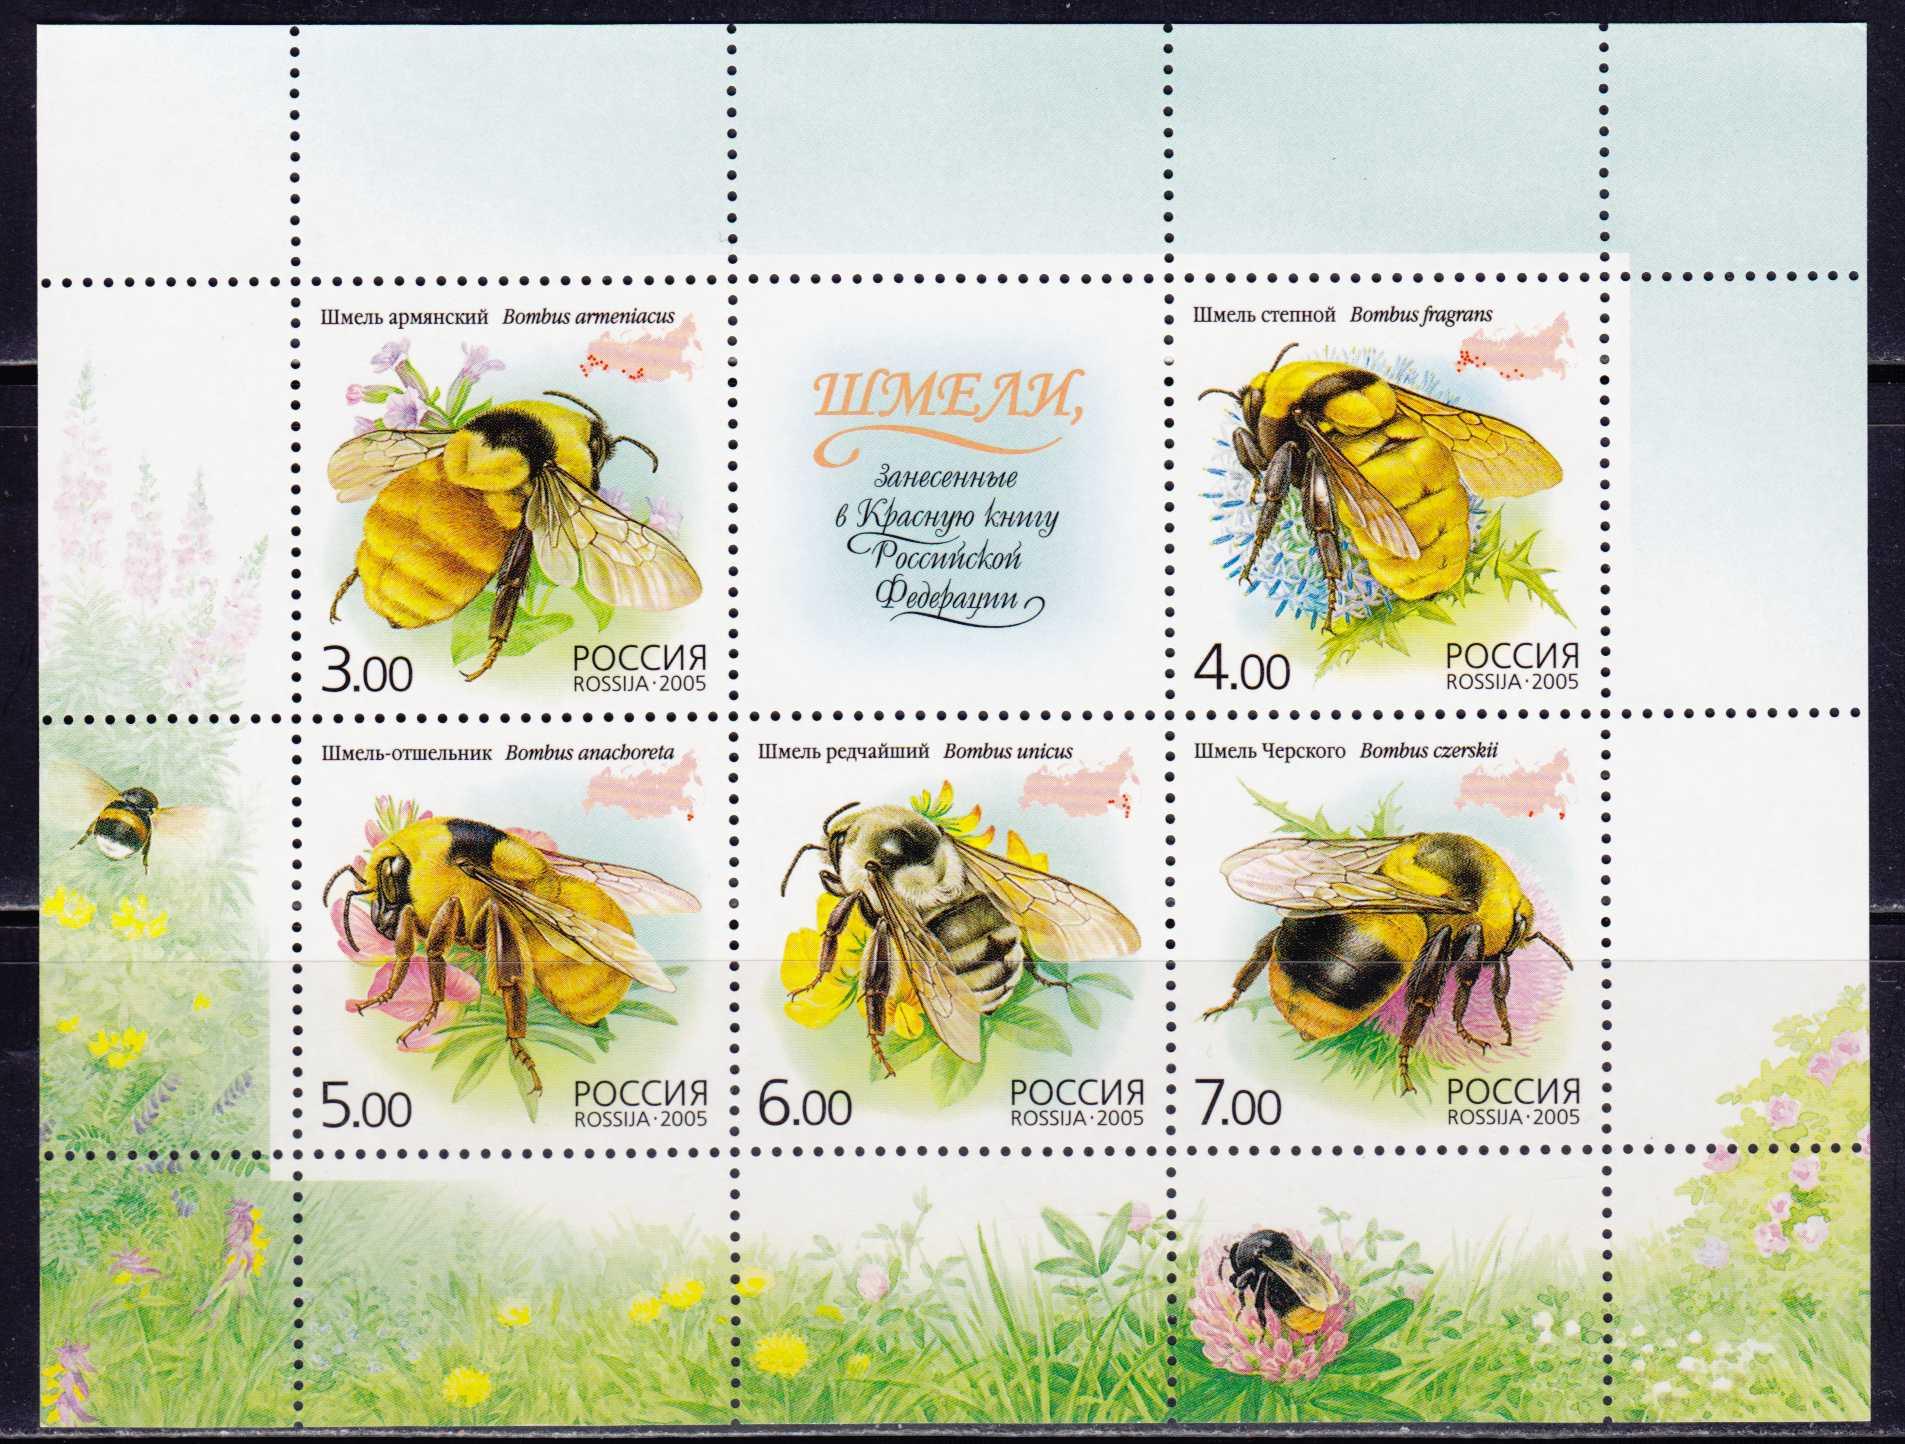 Как сделать почтовую марку из бумаги